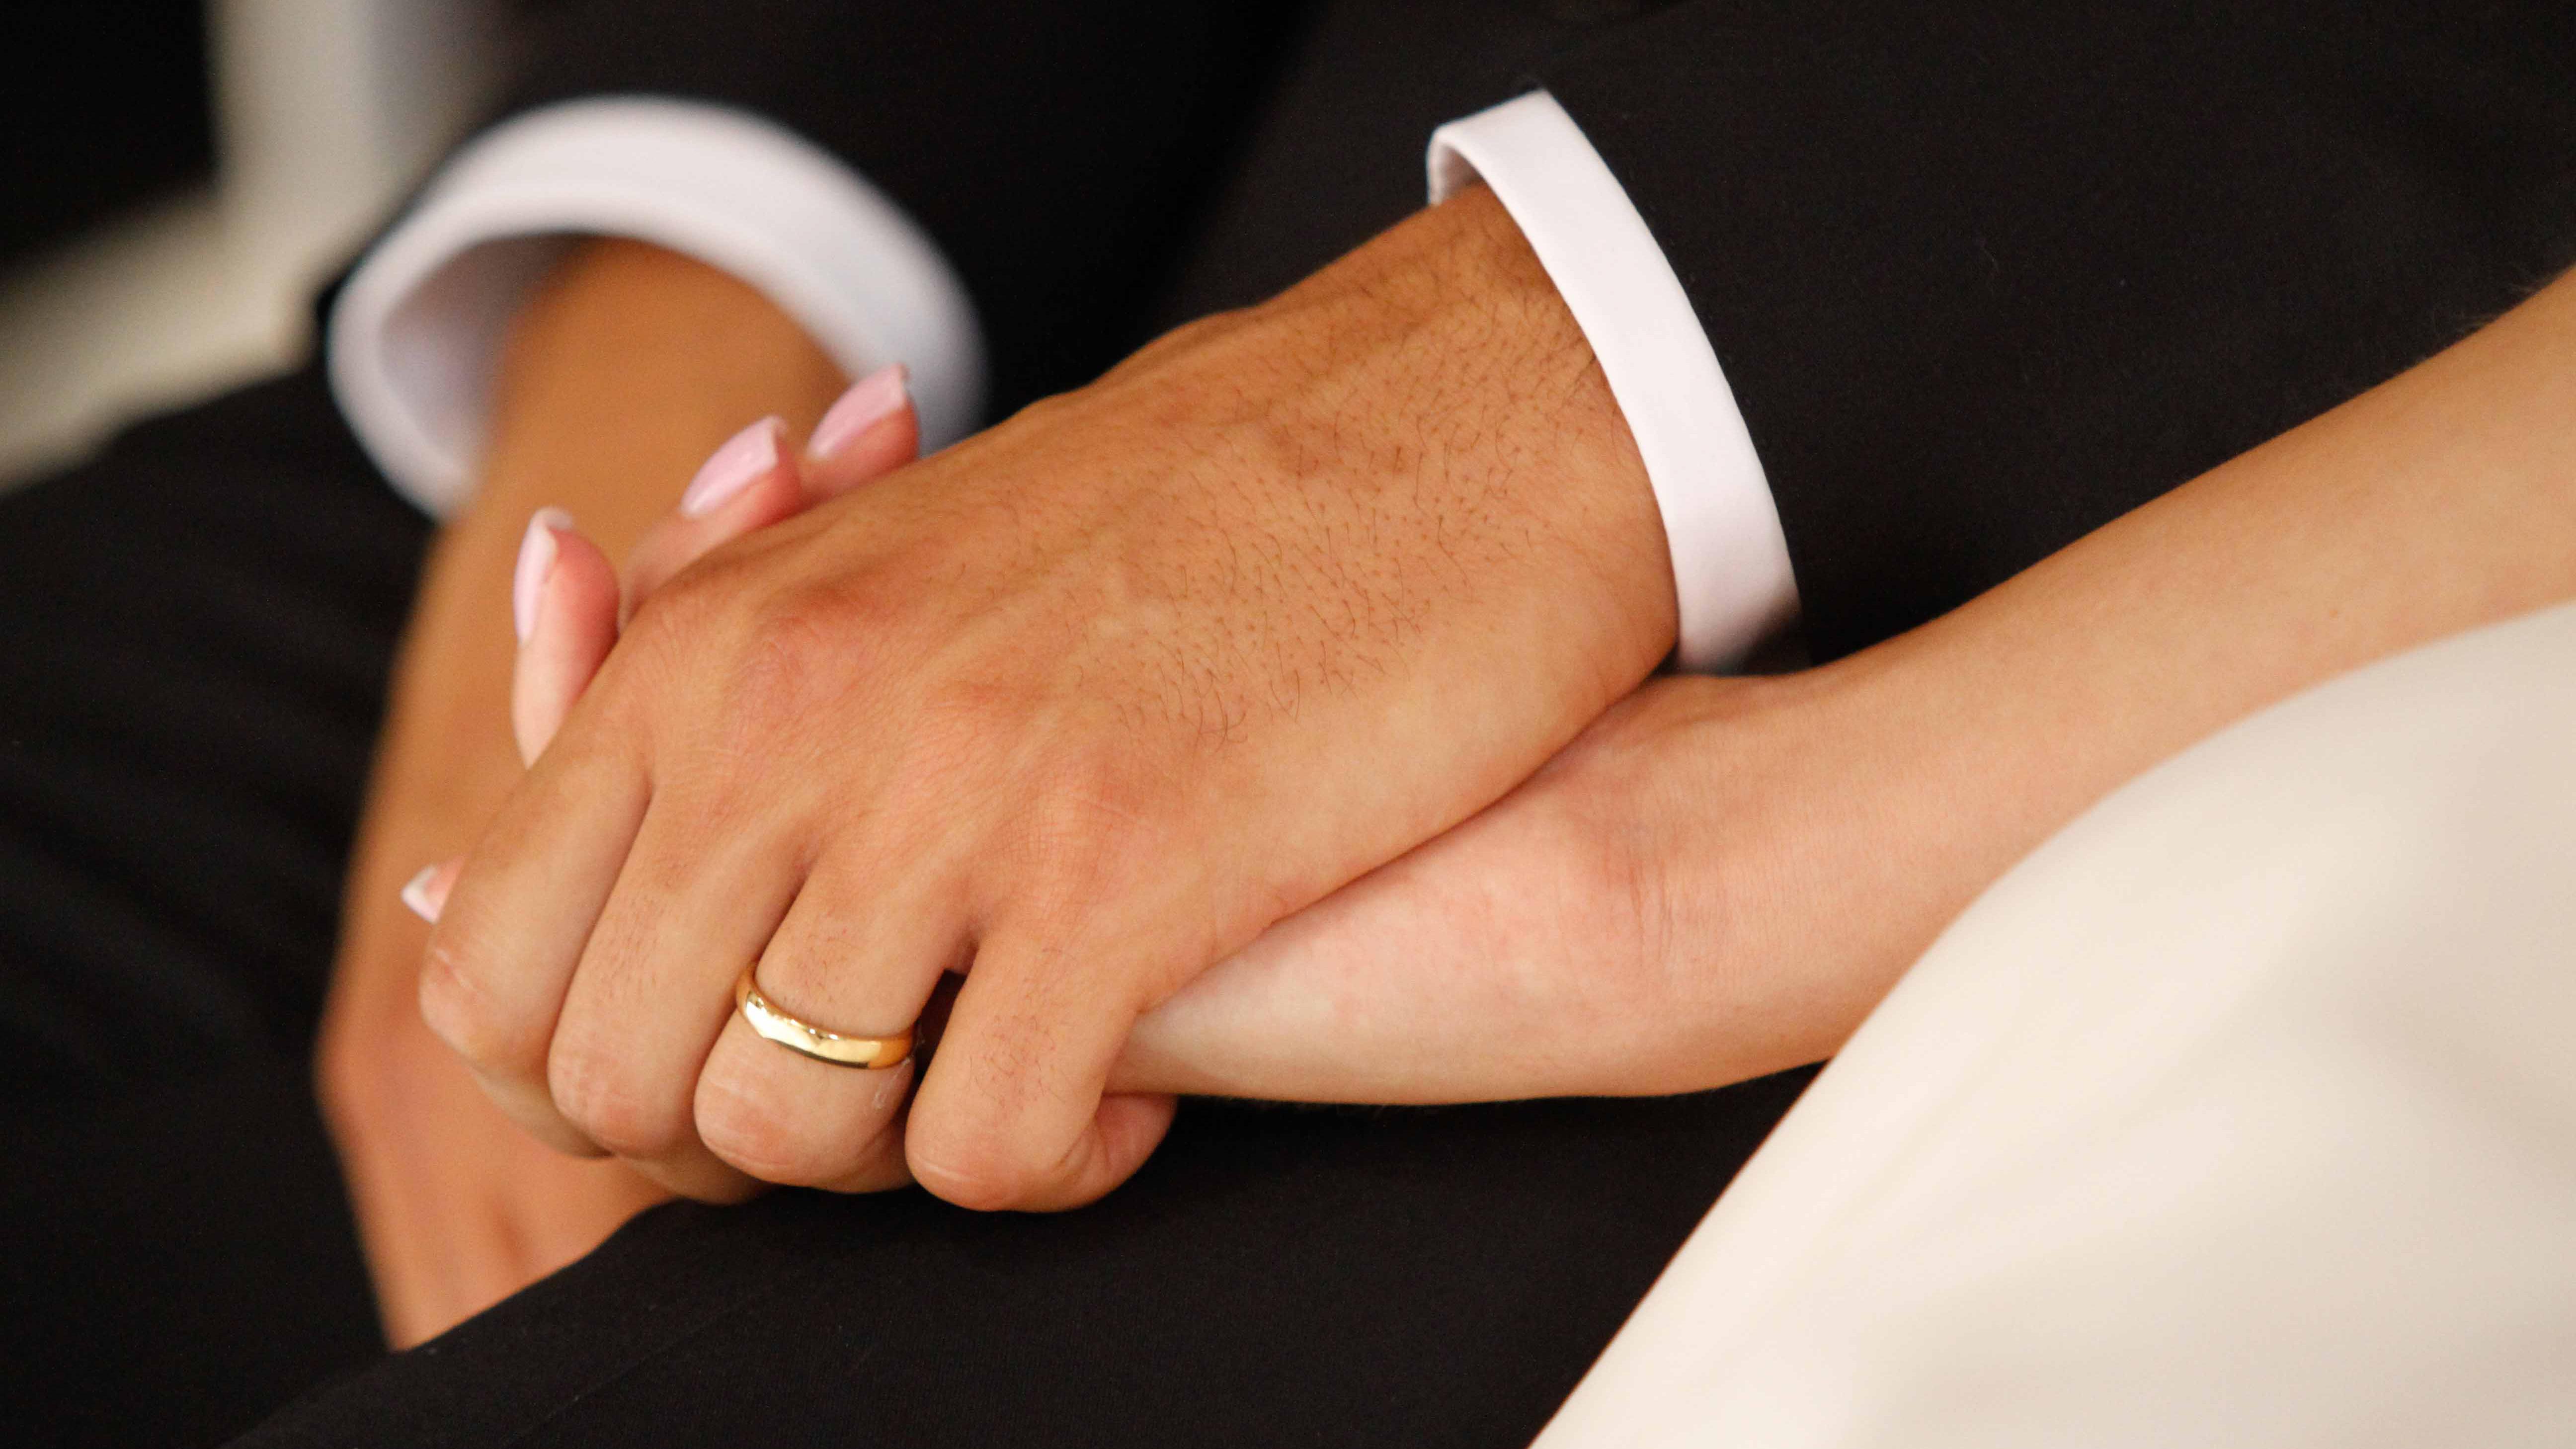 Matrimonio_Sito-1